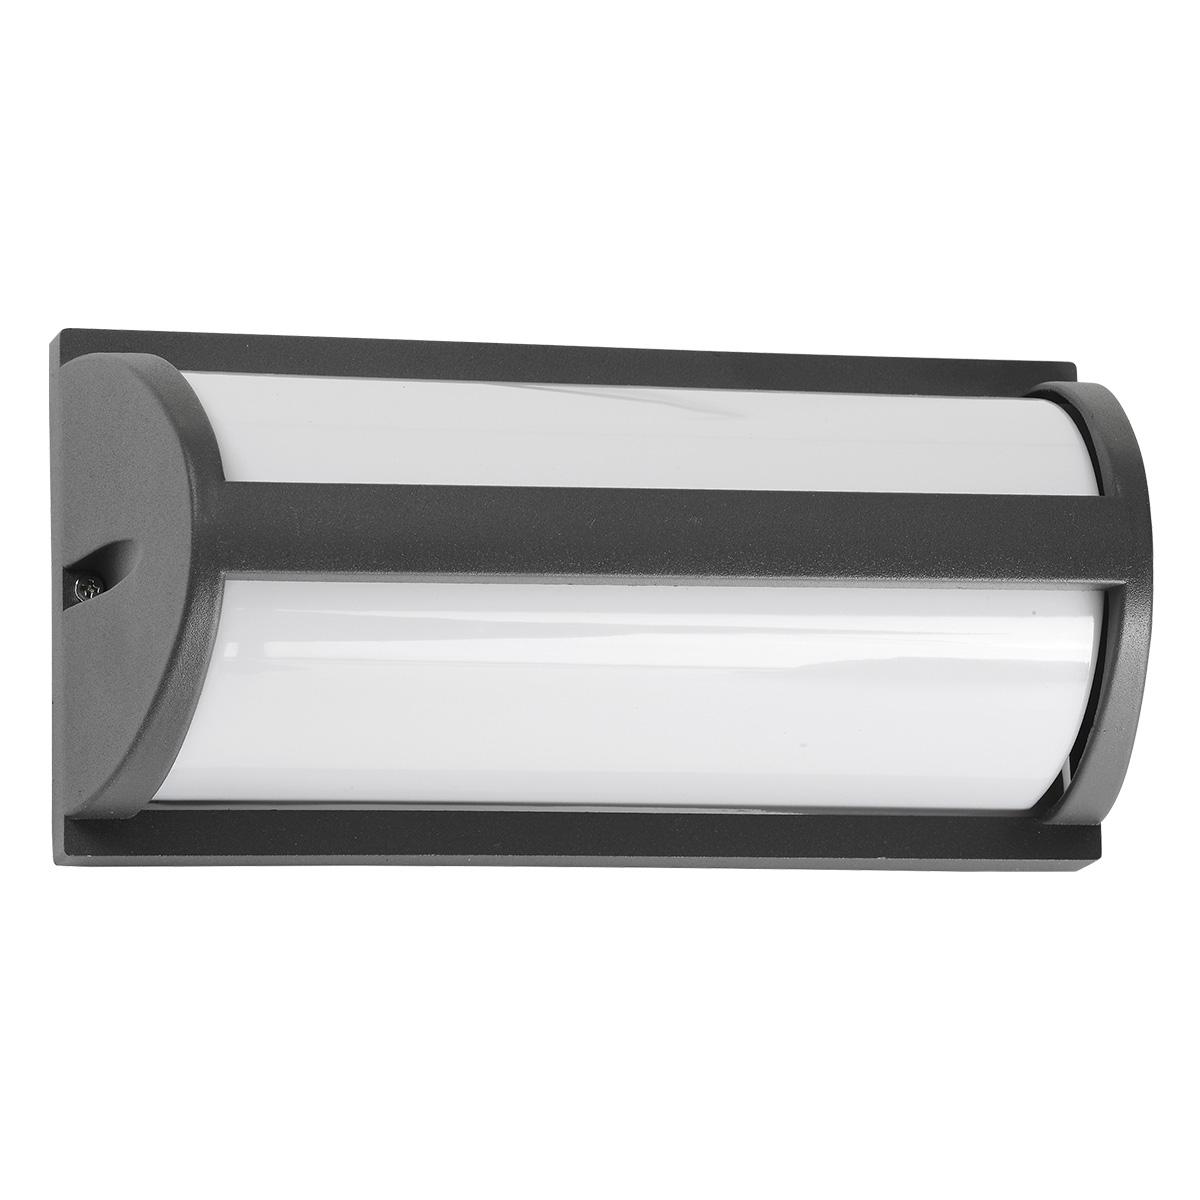 Svet-k LED C3089 10W GREY 5000K (TEKLED) 10sht